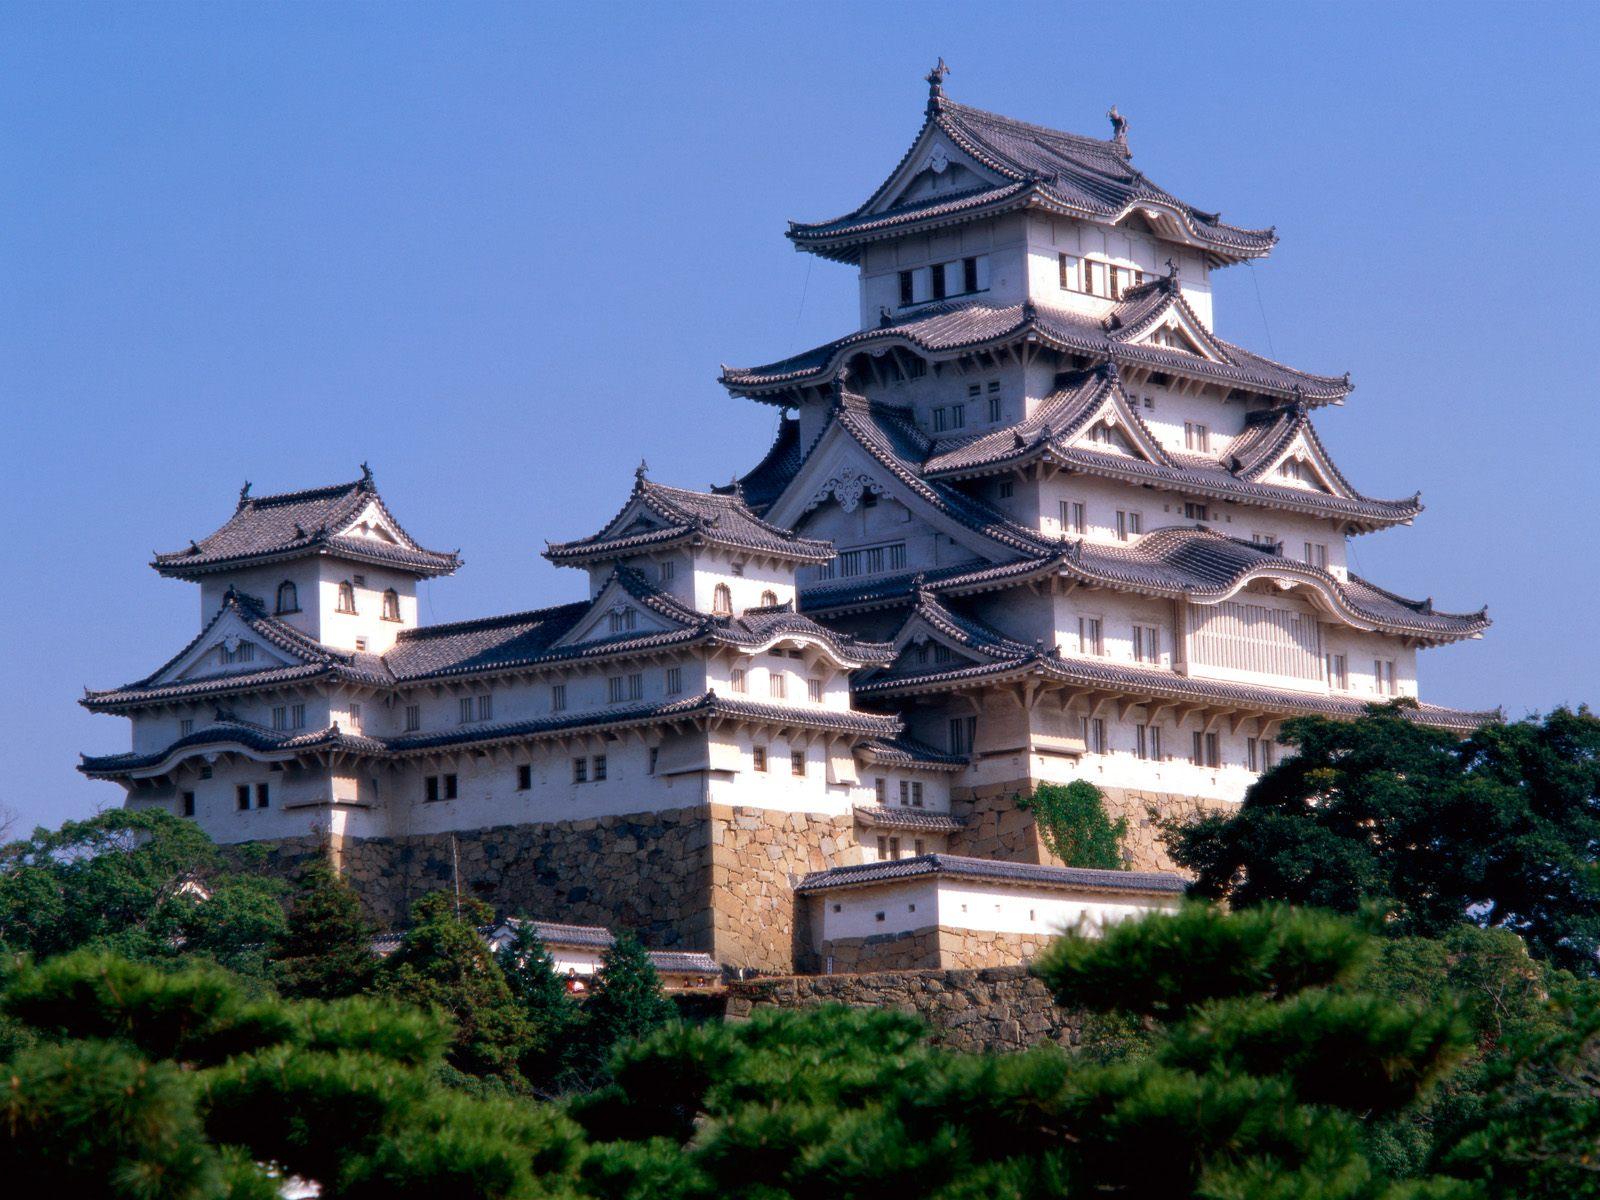 http://1.bp.blogspot.com/_-Gq-IJfs1DY/S-Lf0TRbrKI/AAAAAAAAAAU/8fSuc5pSJB8/s1600/castillo_himeji_japon-740412.jpg